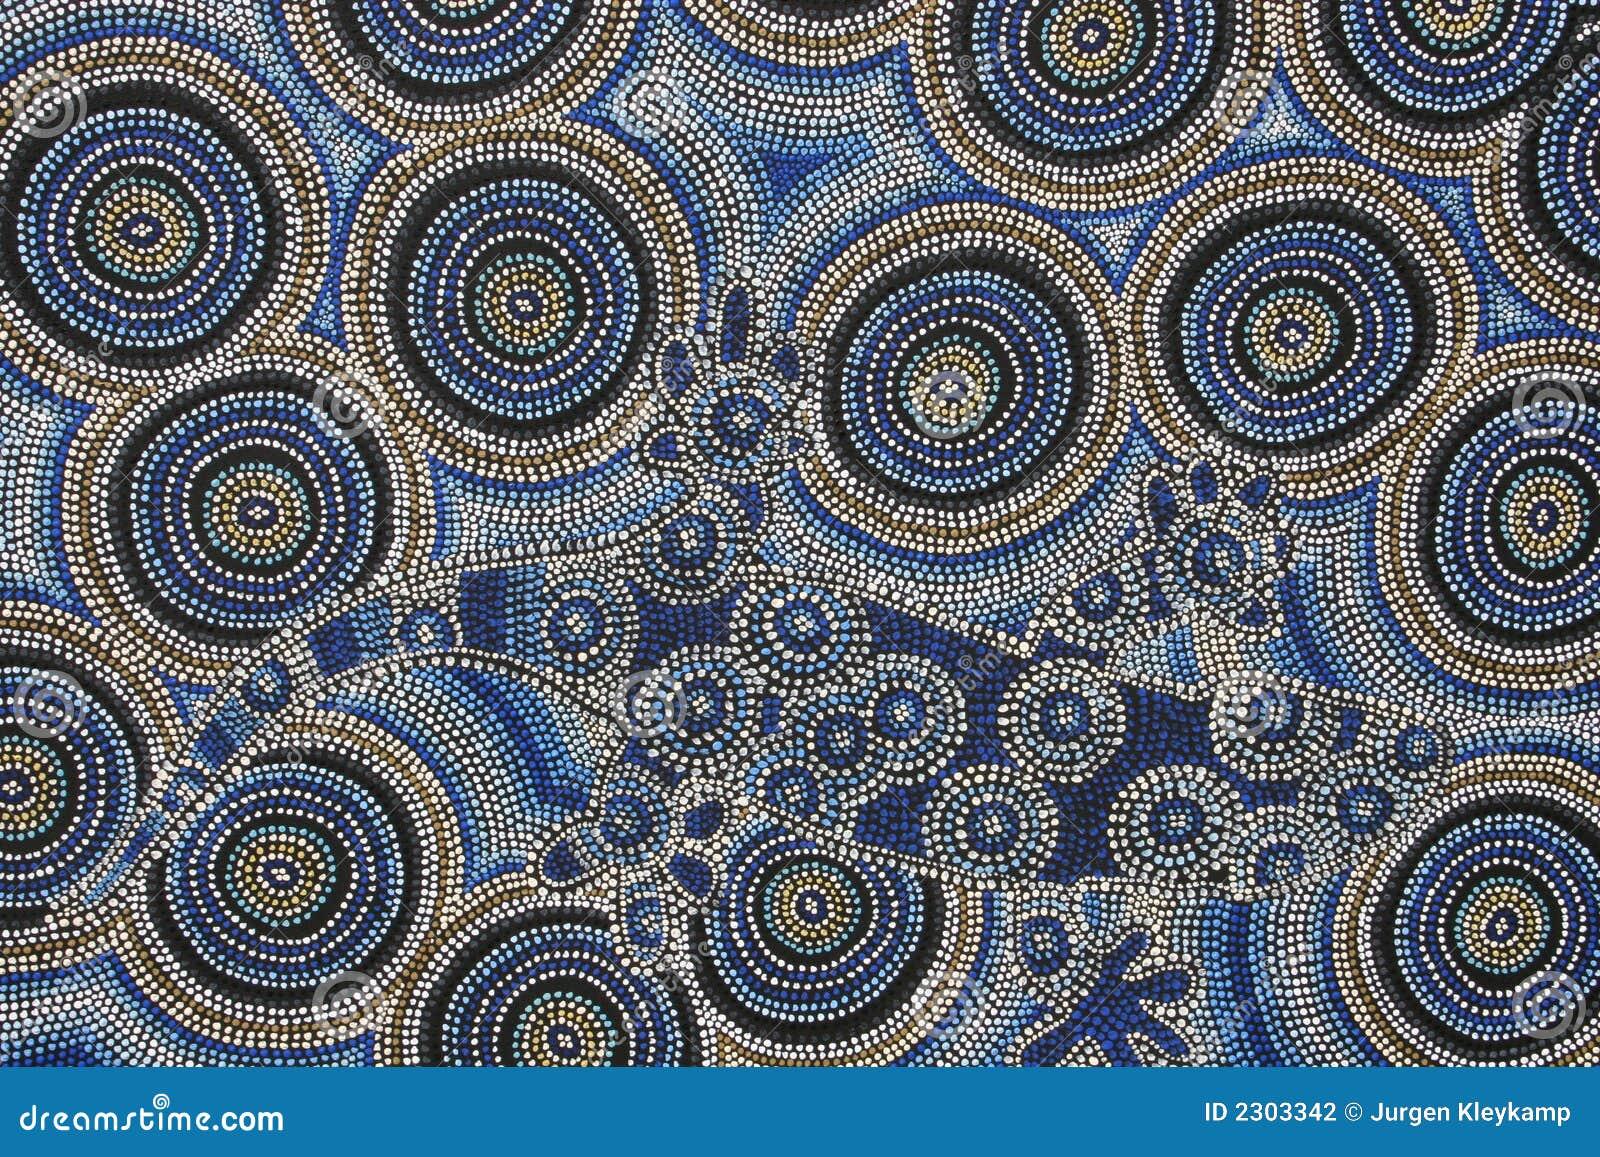 Pittura aborigena fotografia stock immagine 2303342 for Arte aborigena